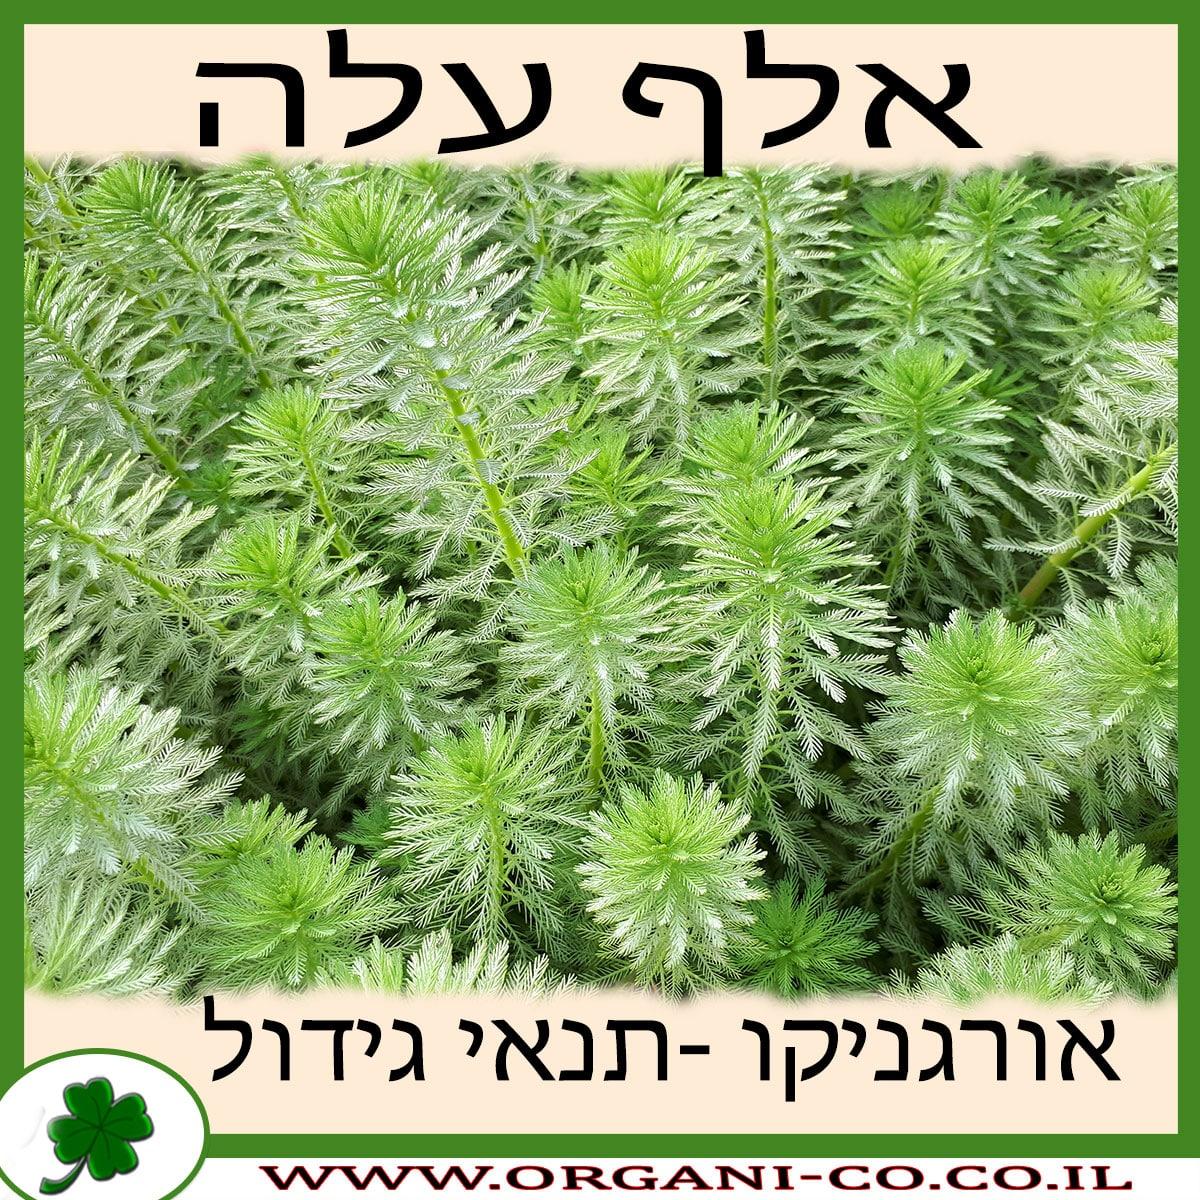 אלף עלה גידול צמח